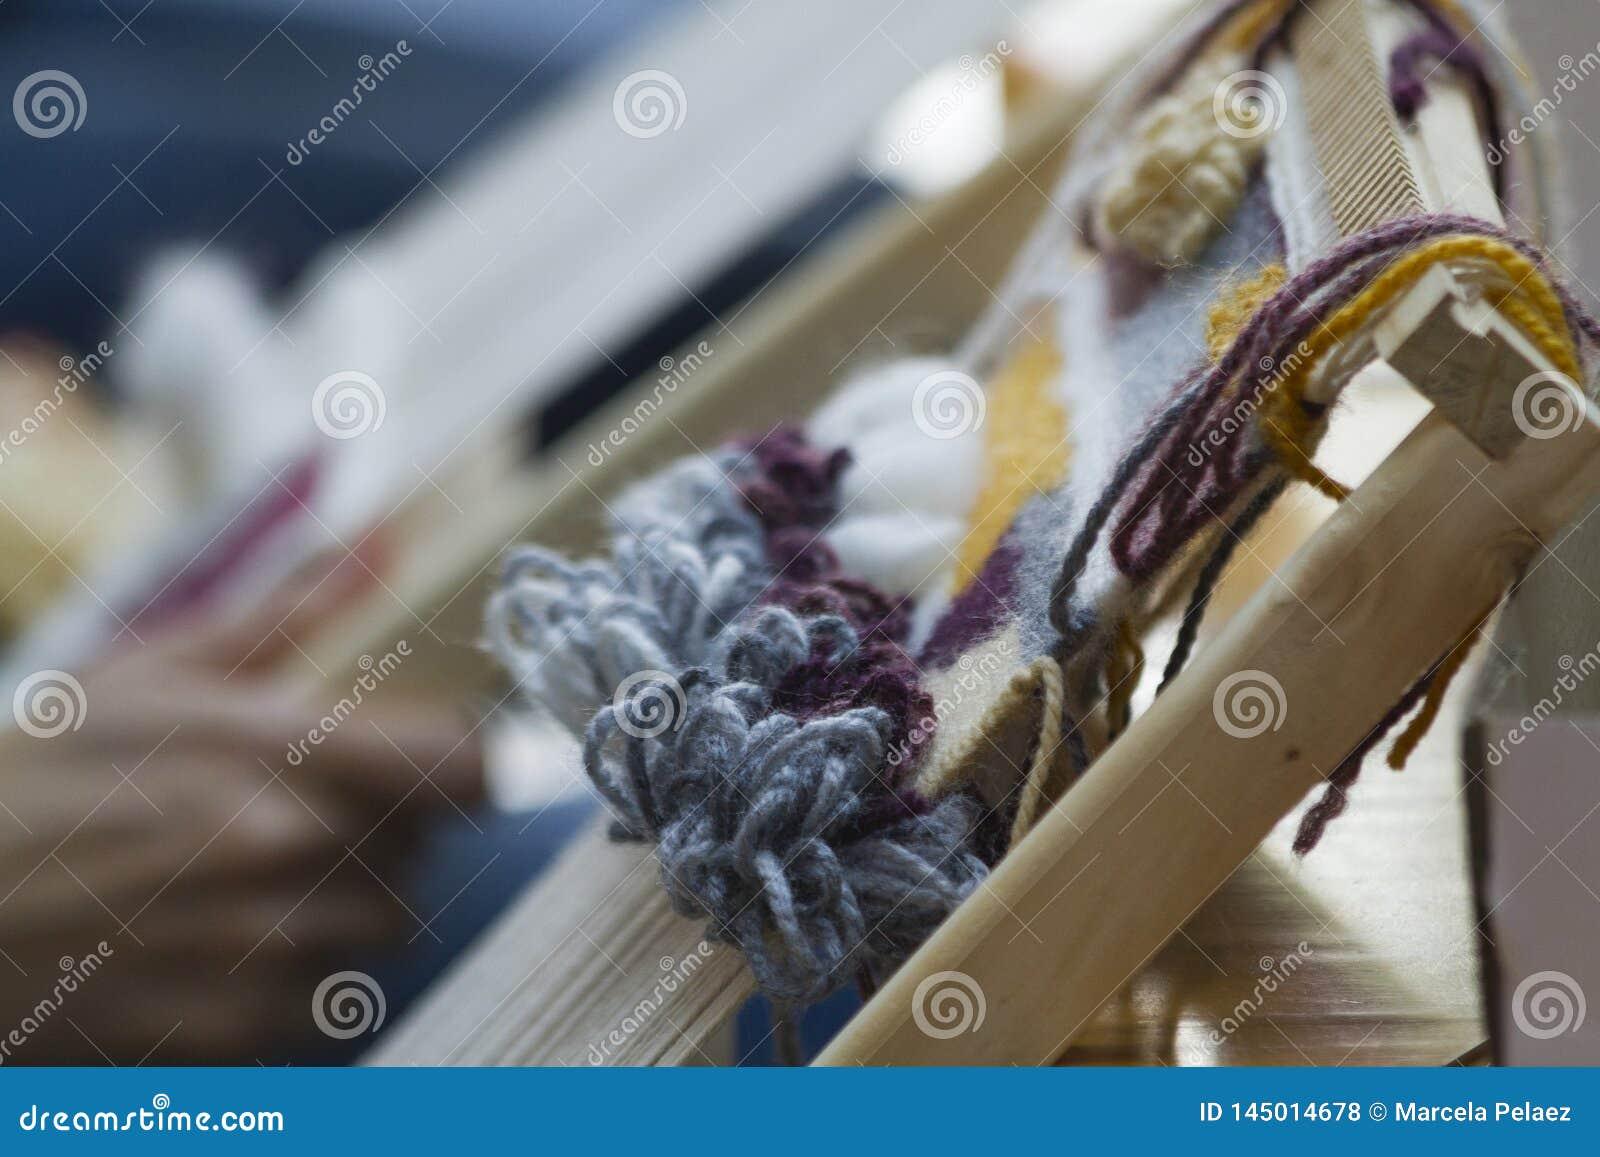 Verticaal tapijtwerk met beige gele en blauwe draad